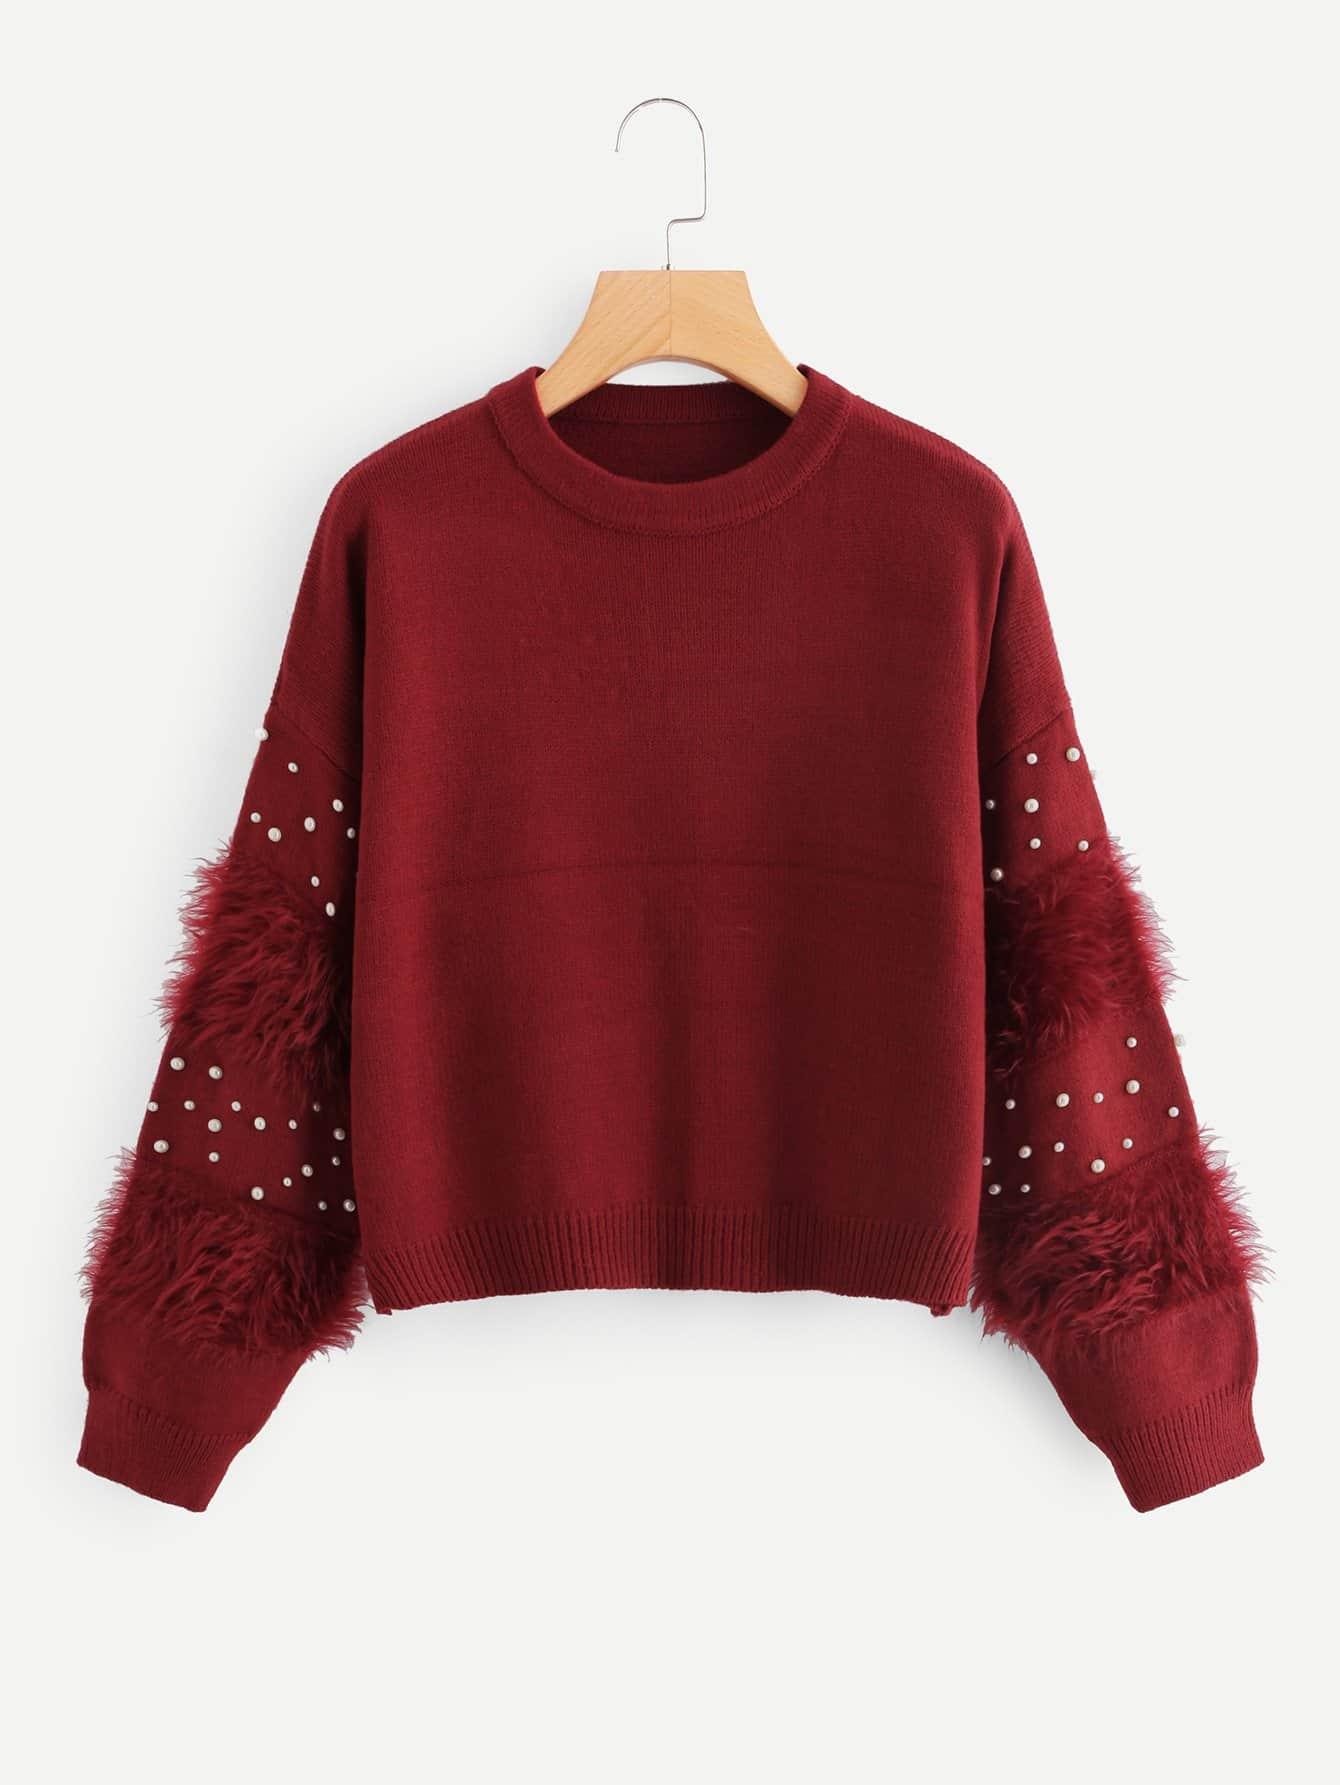 Купить Искусственный мех и перламутровый свитер, null, SheIn